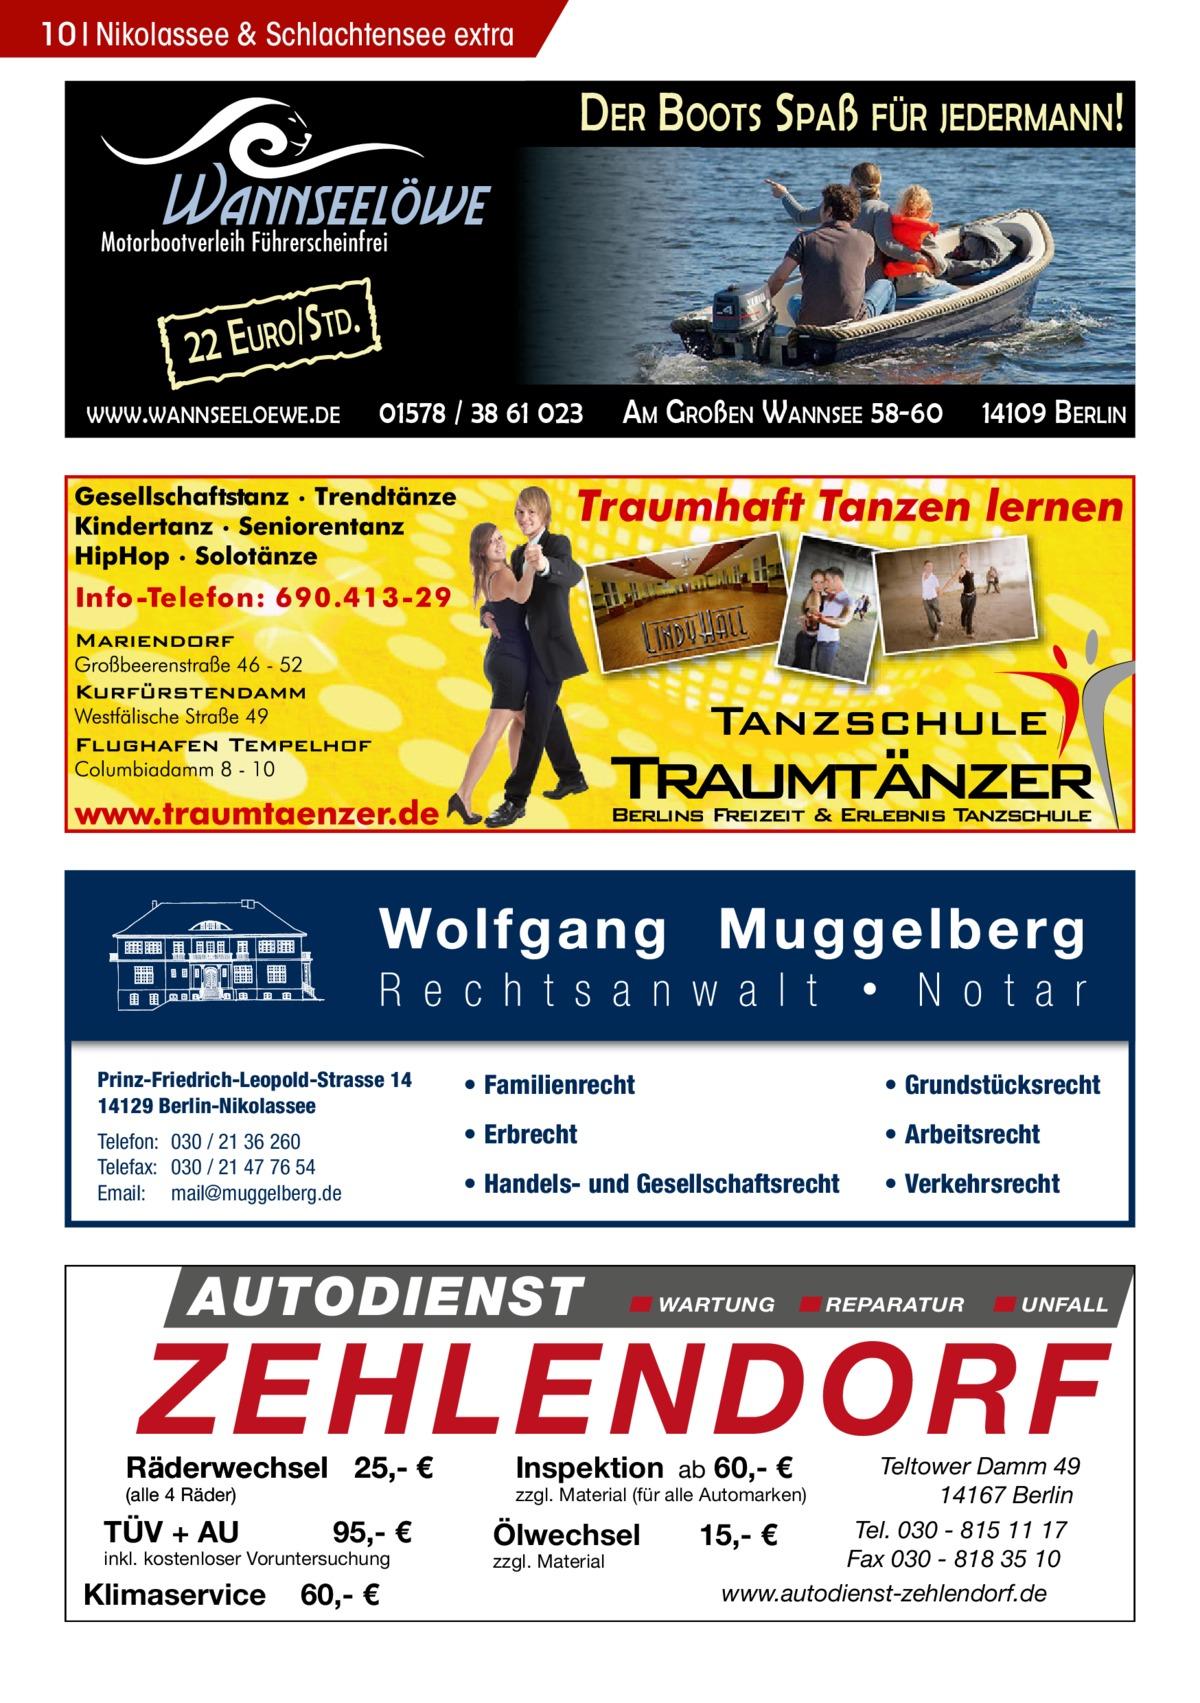 10 Nikolassee & Schlachtensee extra  DER BOOTS SPAß FÜR JEDERMANN!  Wannseelöwe  Motorbootverleih Führerscheinfrei  2 2 E URO/ S  TD.  WWW.WANNSEELOEWE.DE  01578 / 38 61 023  Prinz-Friedrich-Leopold-Strasse 14 14129 Berlin-Nikolassee Telefon: 030 / 21 36 260 Telefax: 030 / 21 47 76 54 Email: mail@muggelberg.de  AM GROßEN WANNSEE 58-60  14109 BERLIN  • Familienrecht  • Grundstücksrecht  • Erbrecht  • Arbeitsrecht  • Handels- und Gesellschaftsrecht  • Verkehrsrecht  AUTODIENST  WARTUNG  REPARATUR  UNFALL  ZEHLENDORF  Räderwechsel 25,- € (alle 4 Räder)  TÜV + AU  95,- €  inkl. kostenloser Voruntersuchung  Klimaservice  60,- €  Inspektion ab 60,- €  Teltower Damm 49 14167 Berlin Tel. 030 - 815 11 17 15,- € Fax 030 - 818 35 10 www.autodienst-zehlendorf.de  zzgl. Material (für alle Automarken)  Ölwechsel zzgl. Material